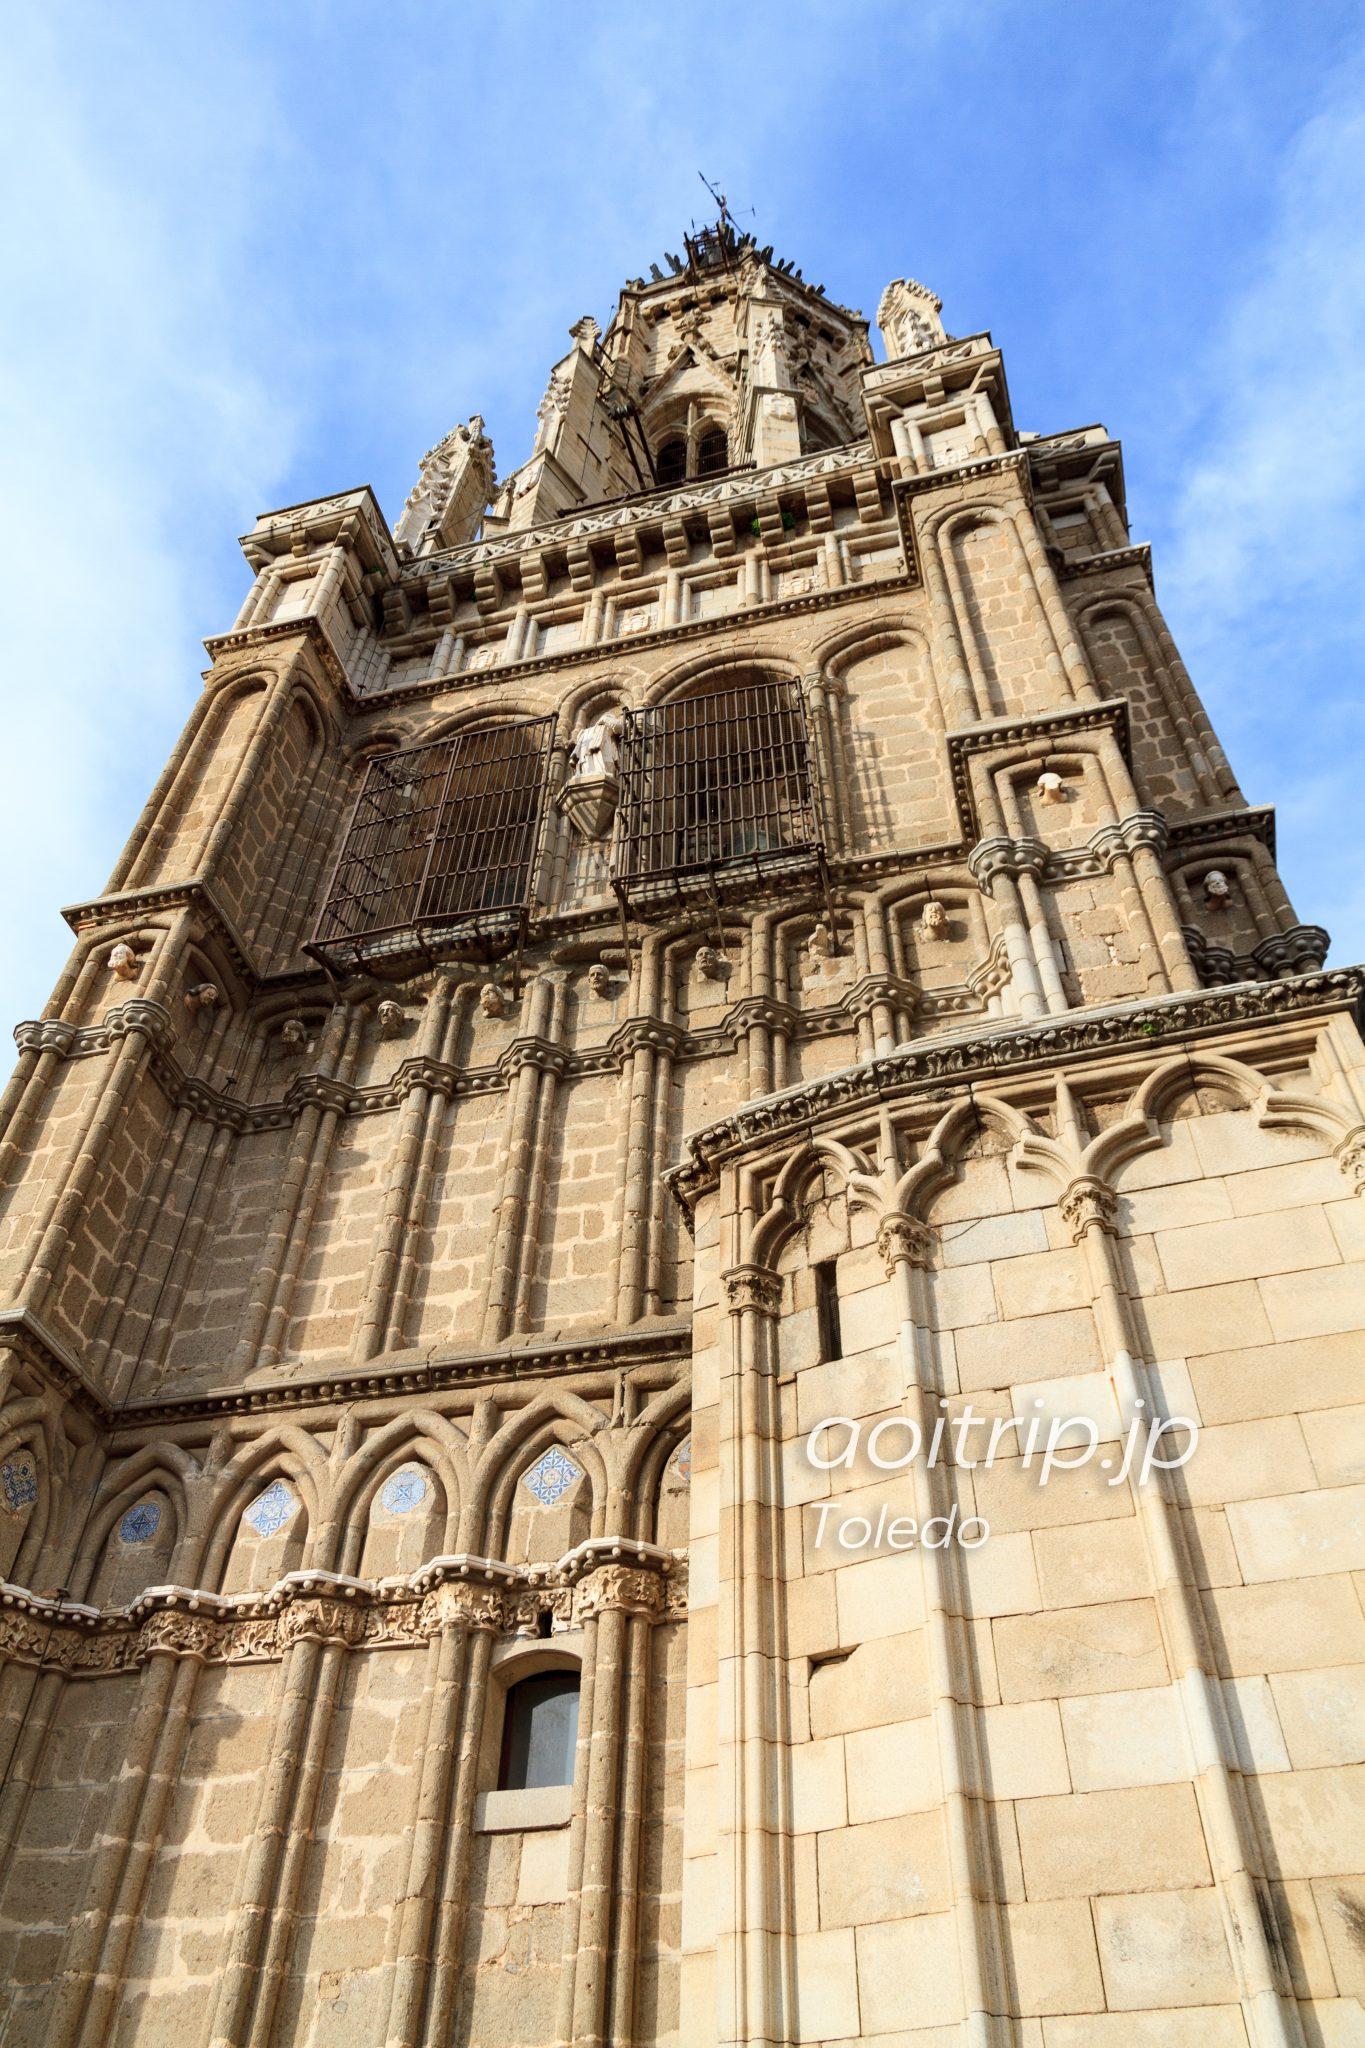 トレド大聖堂 鐘楼